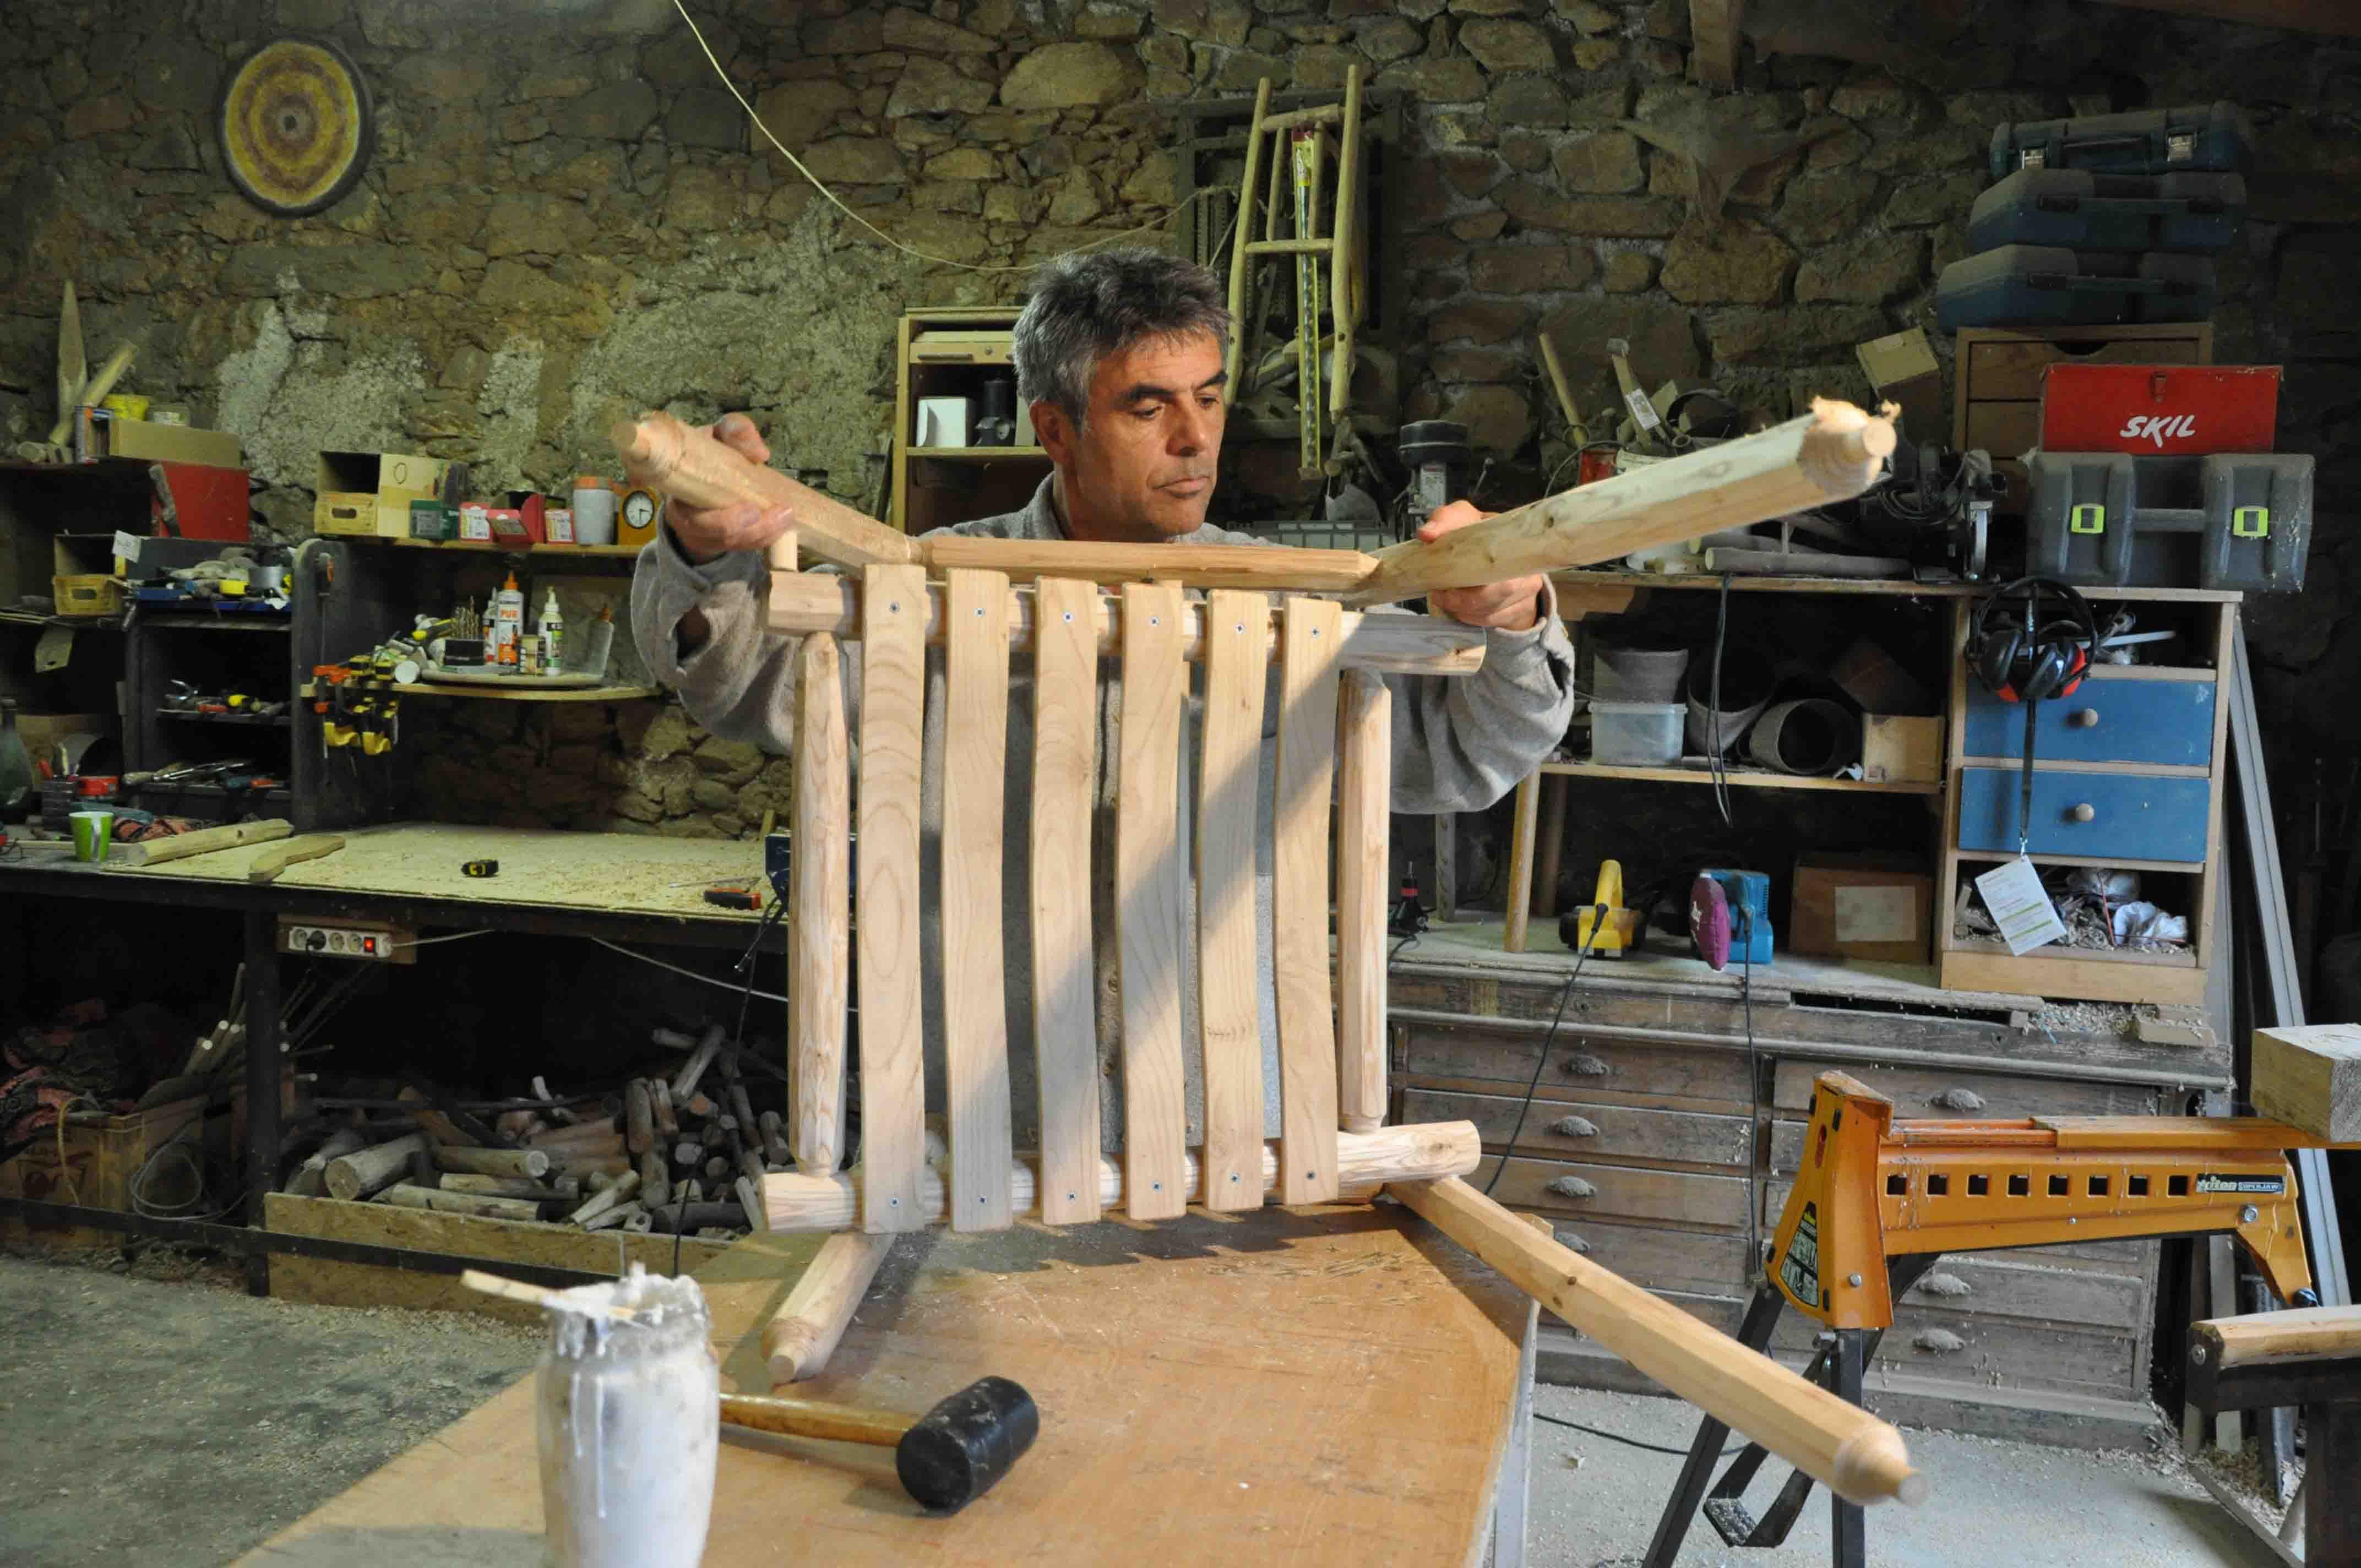 Stage Créez votre mobilier en bois de ch u00e2taignier Limousin Apprendre Formation chataignier  # Stage Menuiserie Bois